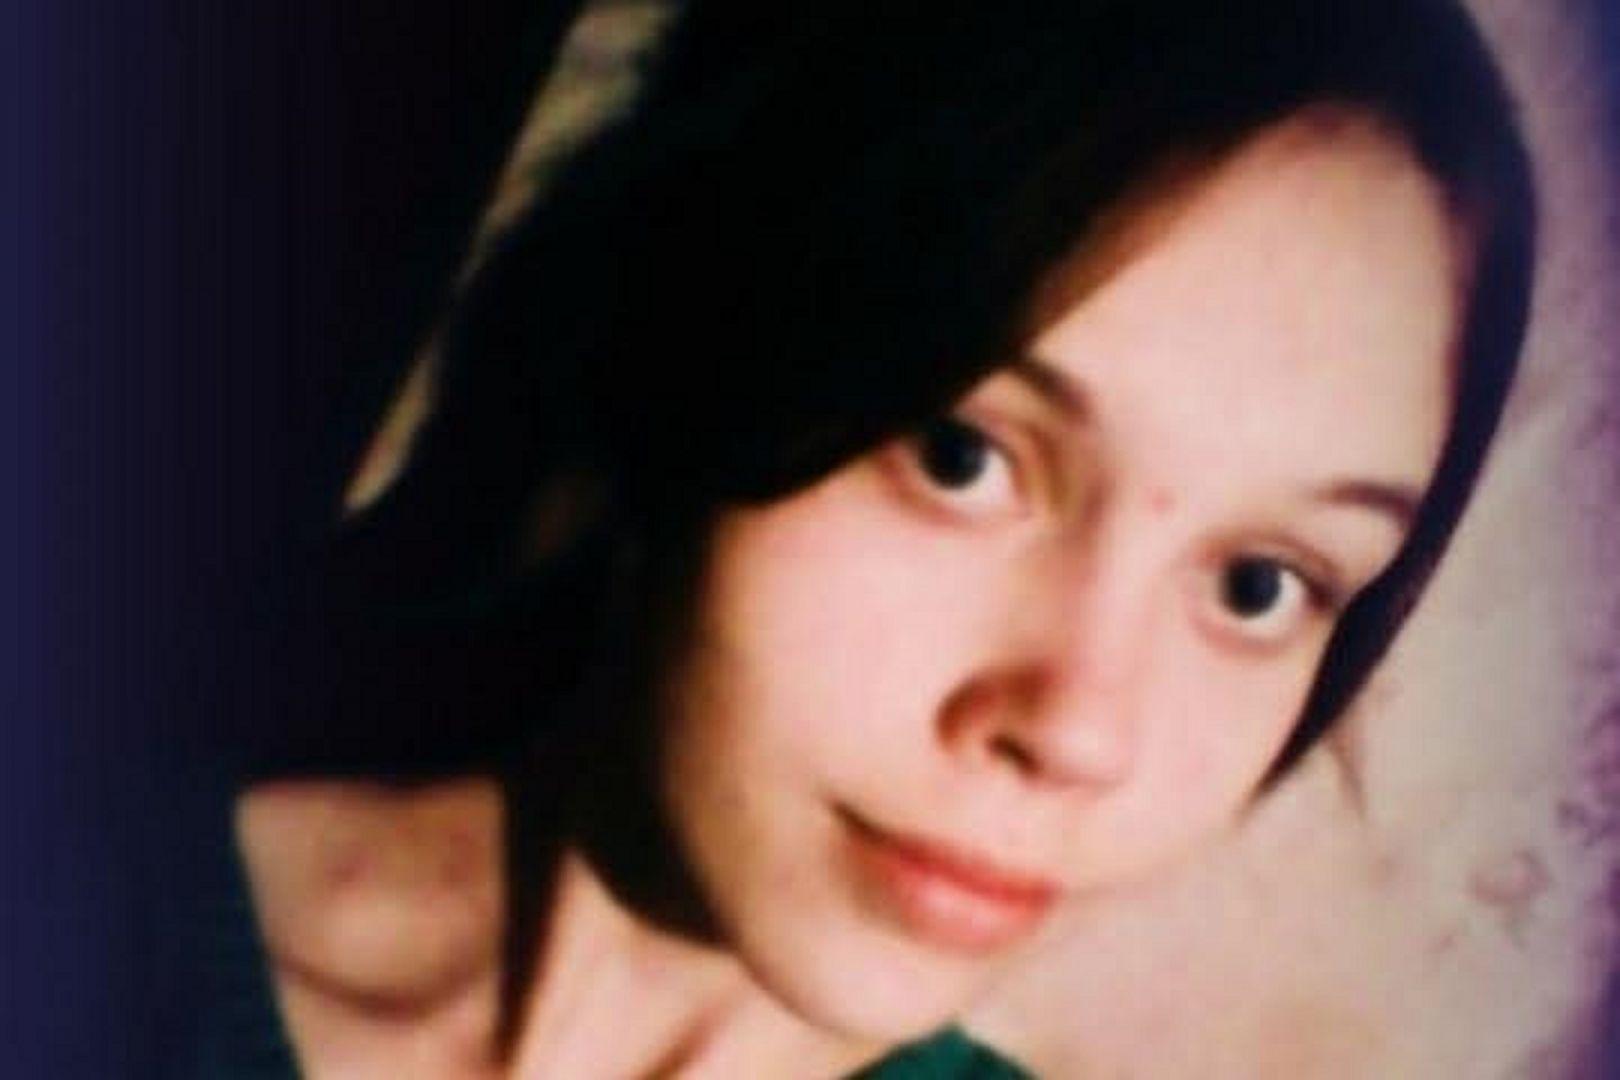 НаСтаврополье девочка убежала издома после ссоры сматерью